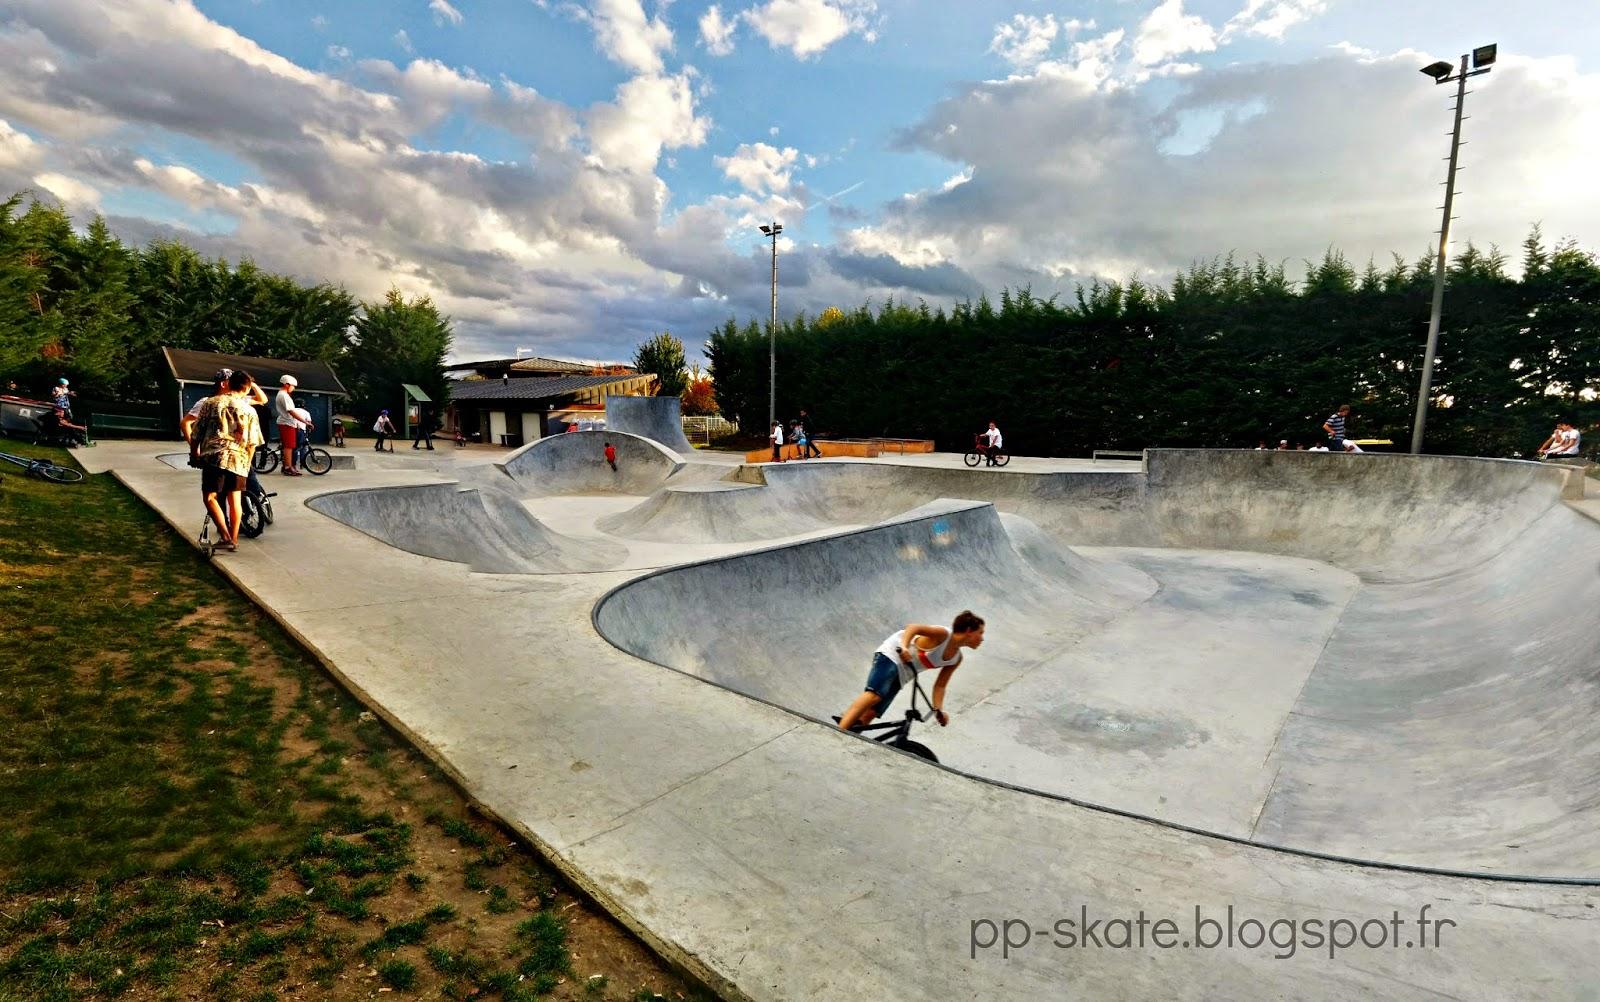 Skatepark Bry Sur marne